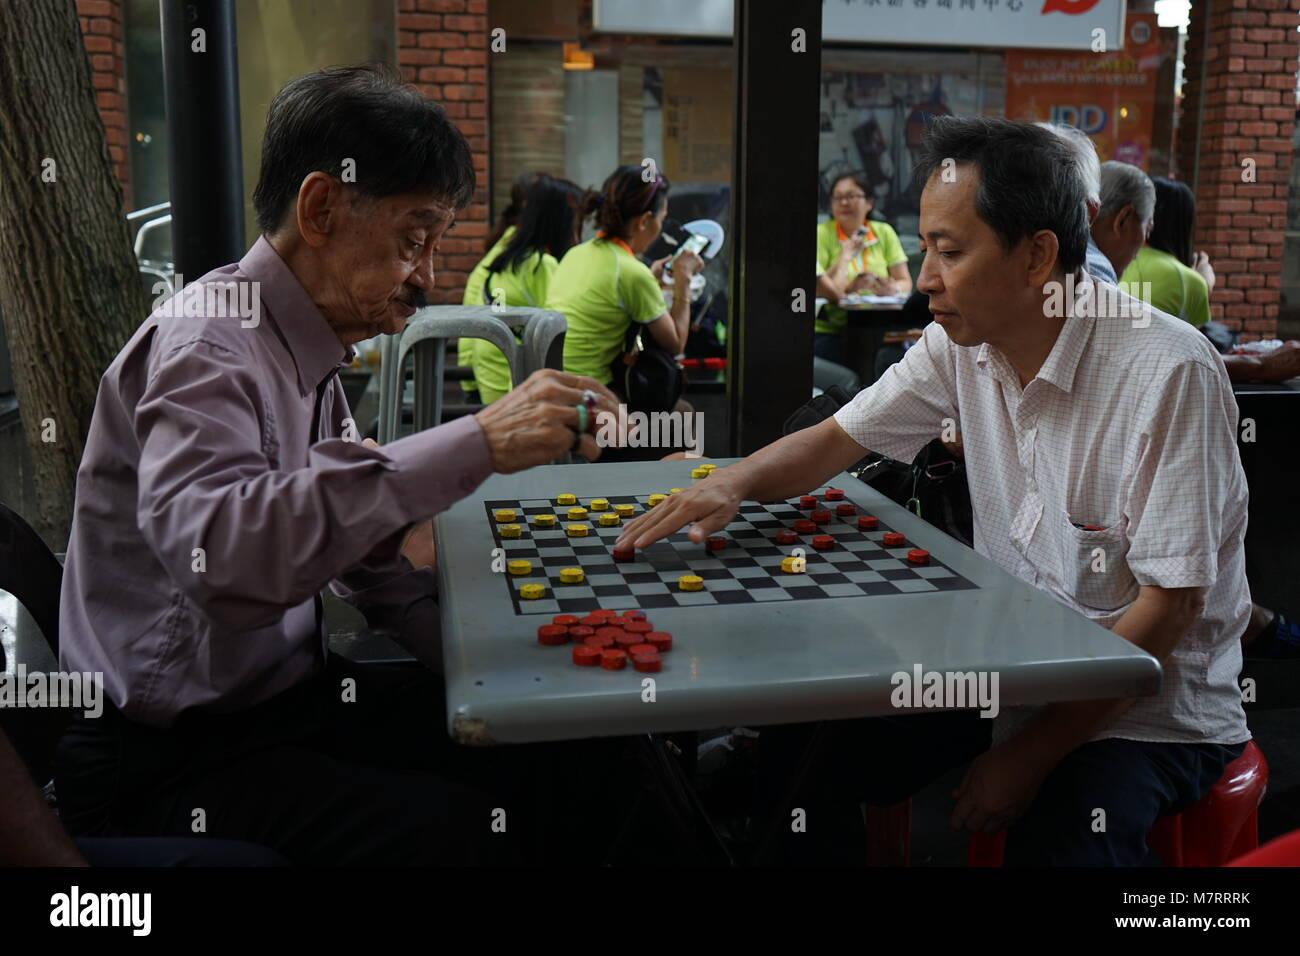 Viejos Jugando Juego De Mesa Cerca De Pagoda Street Singapore Que Es